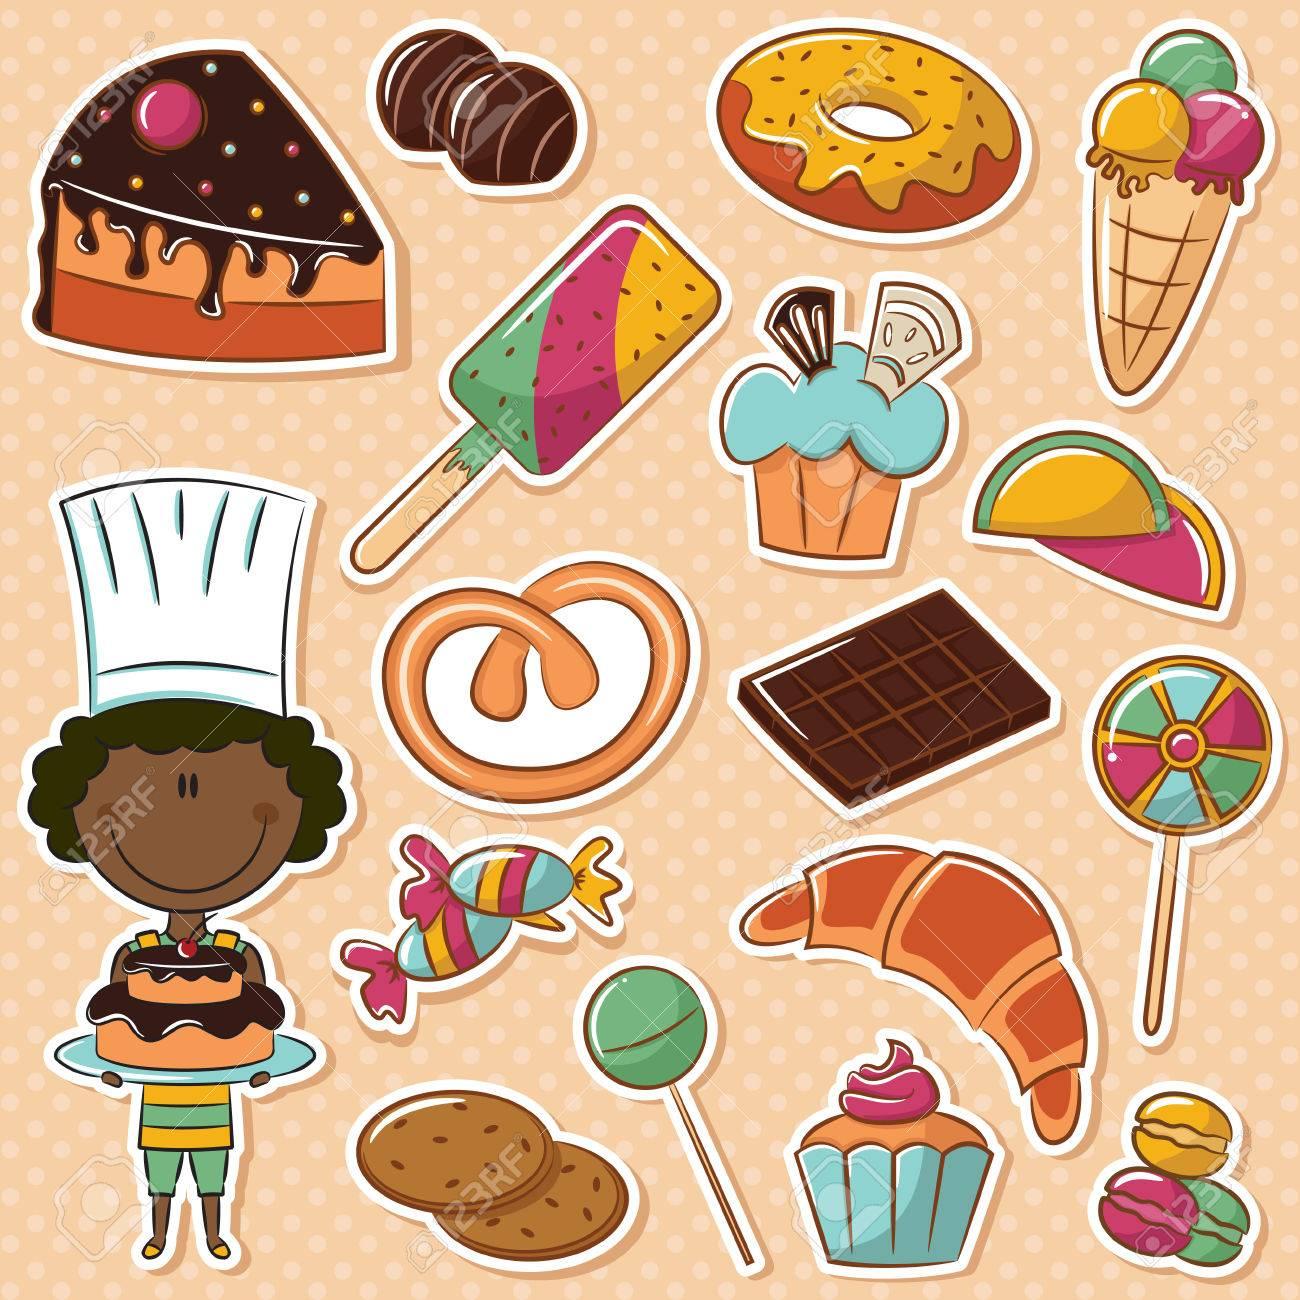 別のお菓子とかわいいアフリカ系アメリカ人の菓子のイラスト素材 ベクタ Image